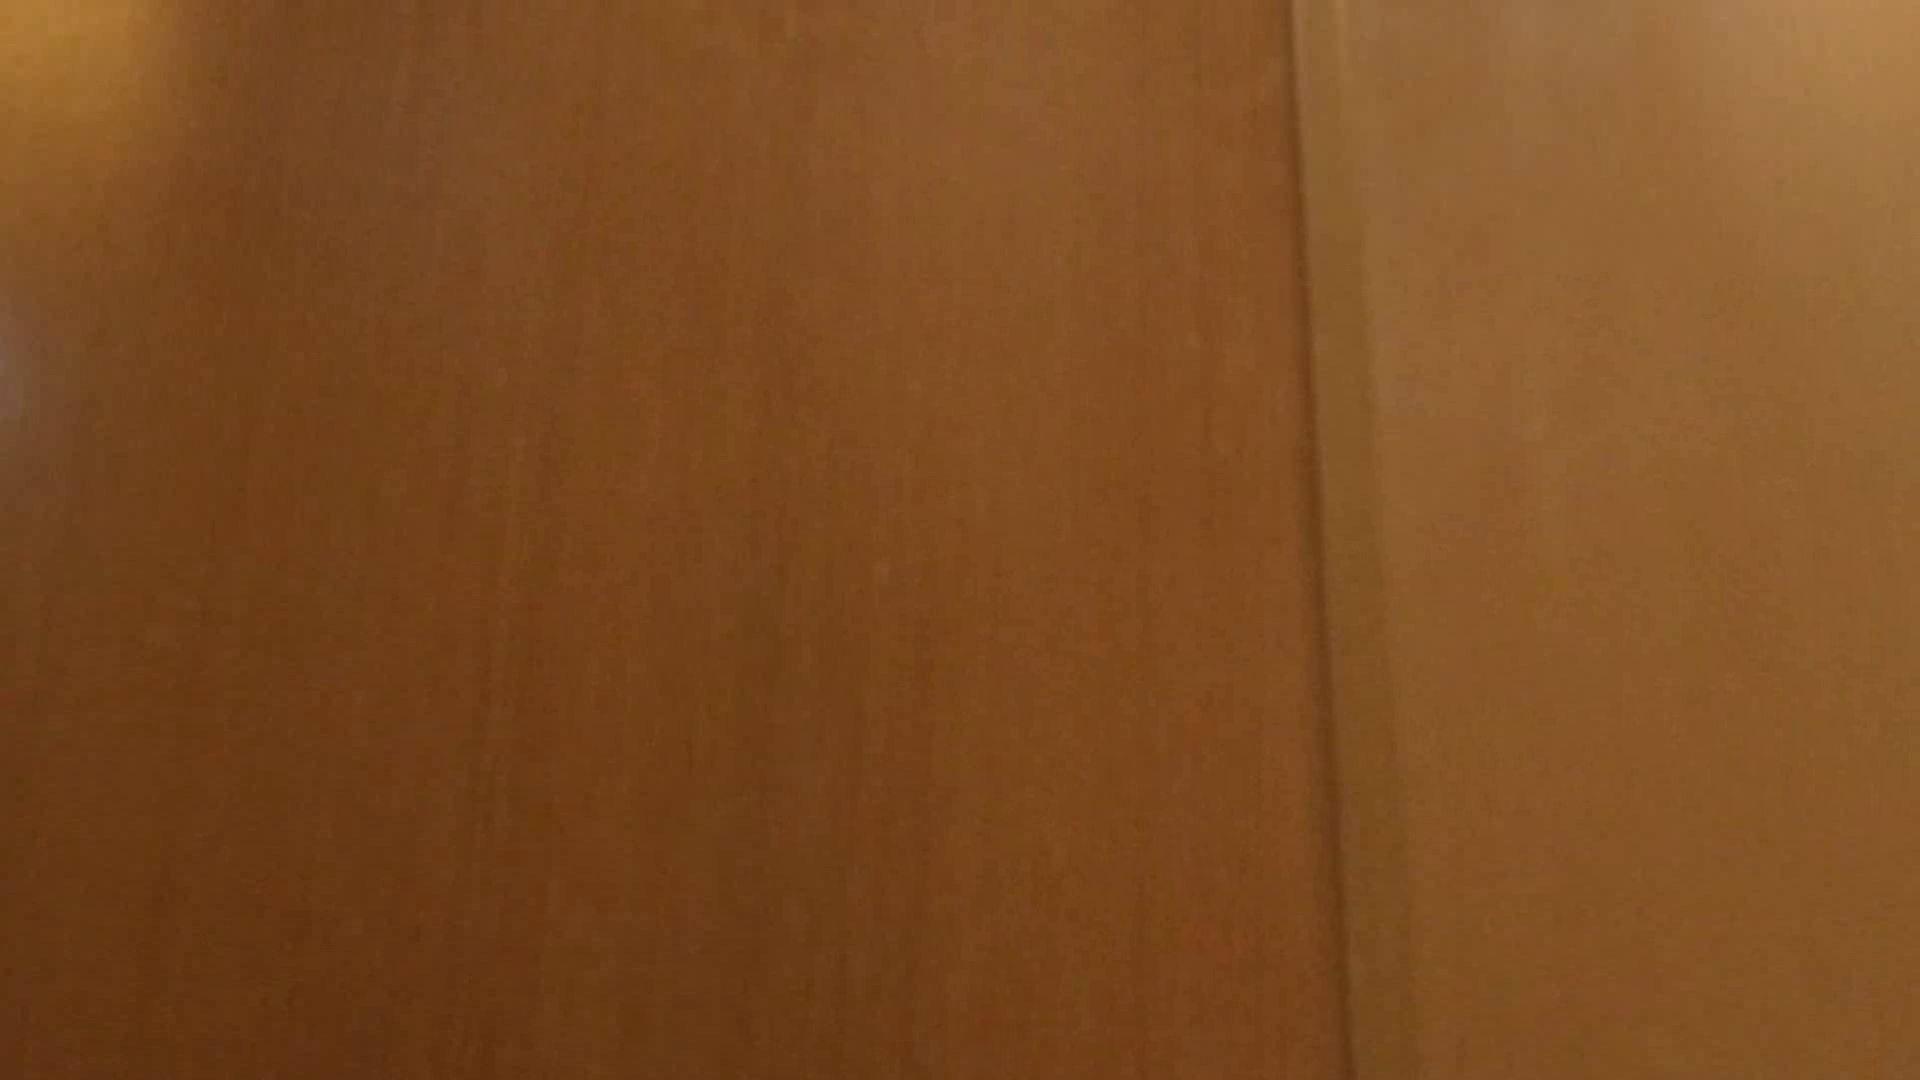 隣国化粧室下から御免!! No.02 洗面所のぞき SEX無修正画像 90枚 89